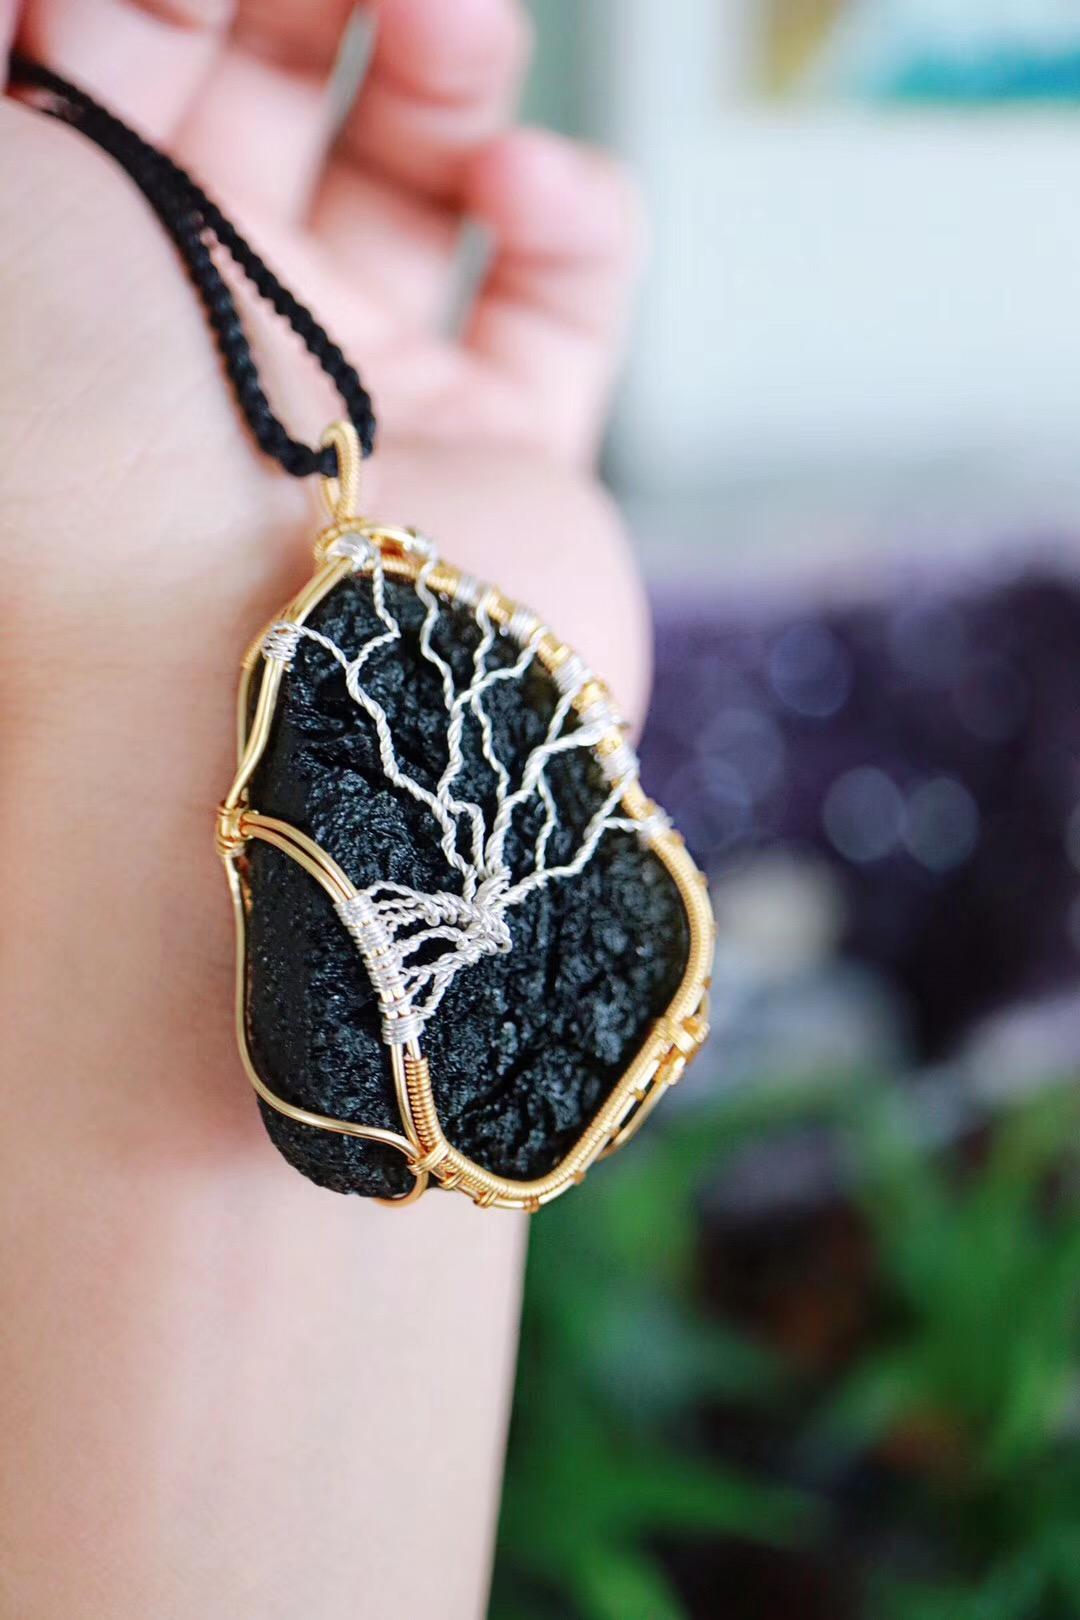 【菩心 | 生命之树客定✈️】去亲近自然,去感受你的生命之树吧-菩心晶舍